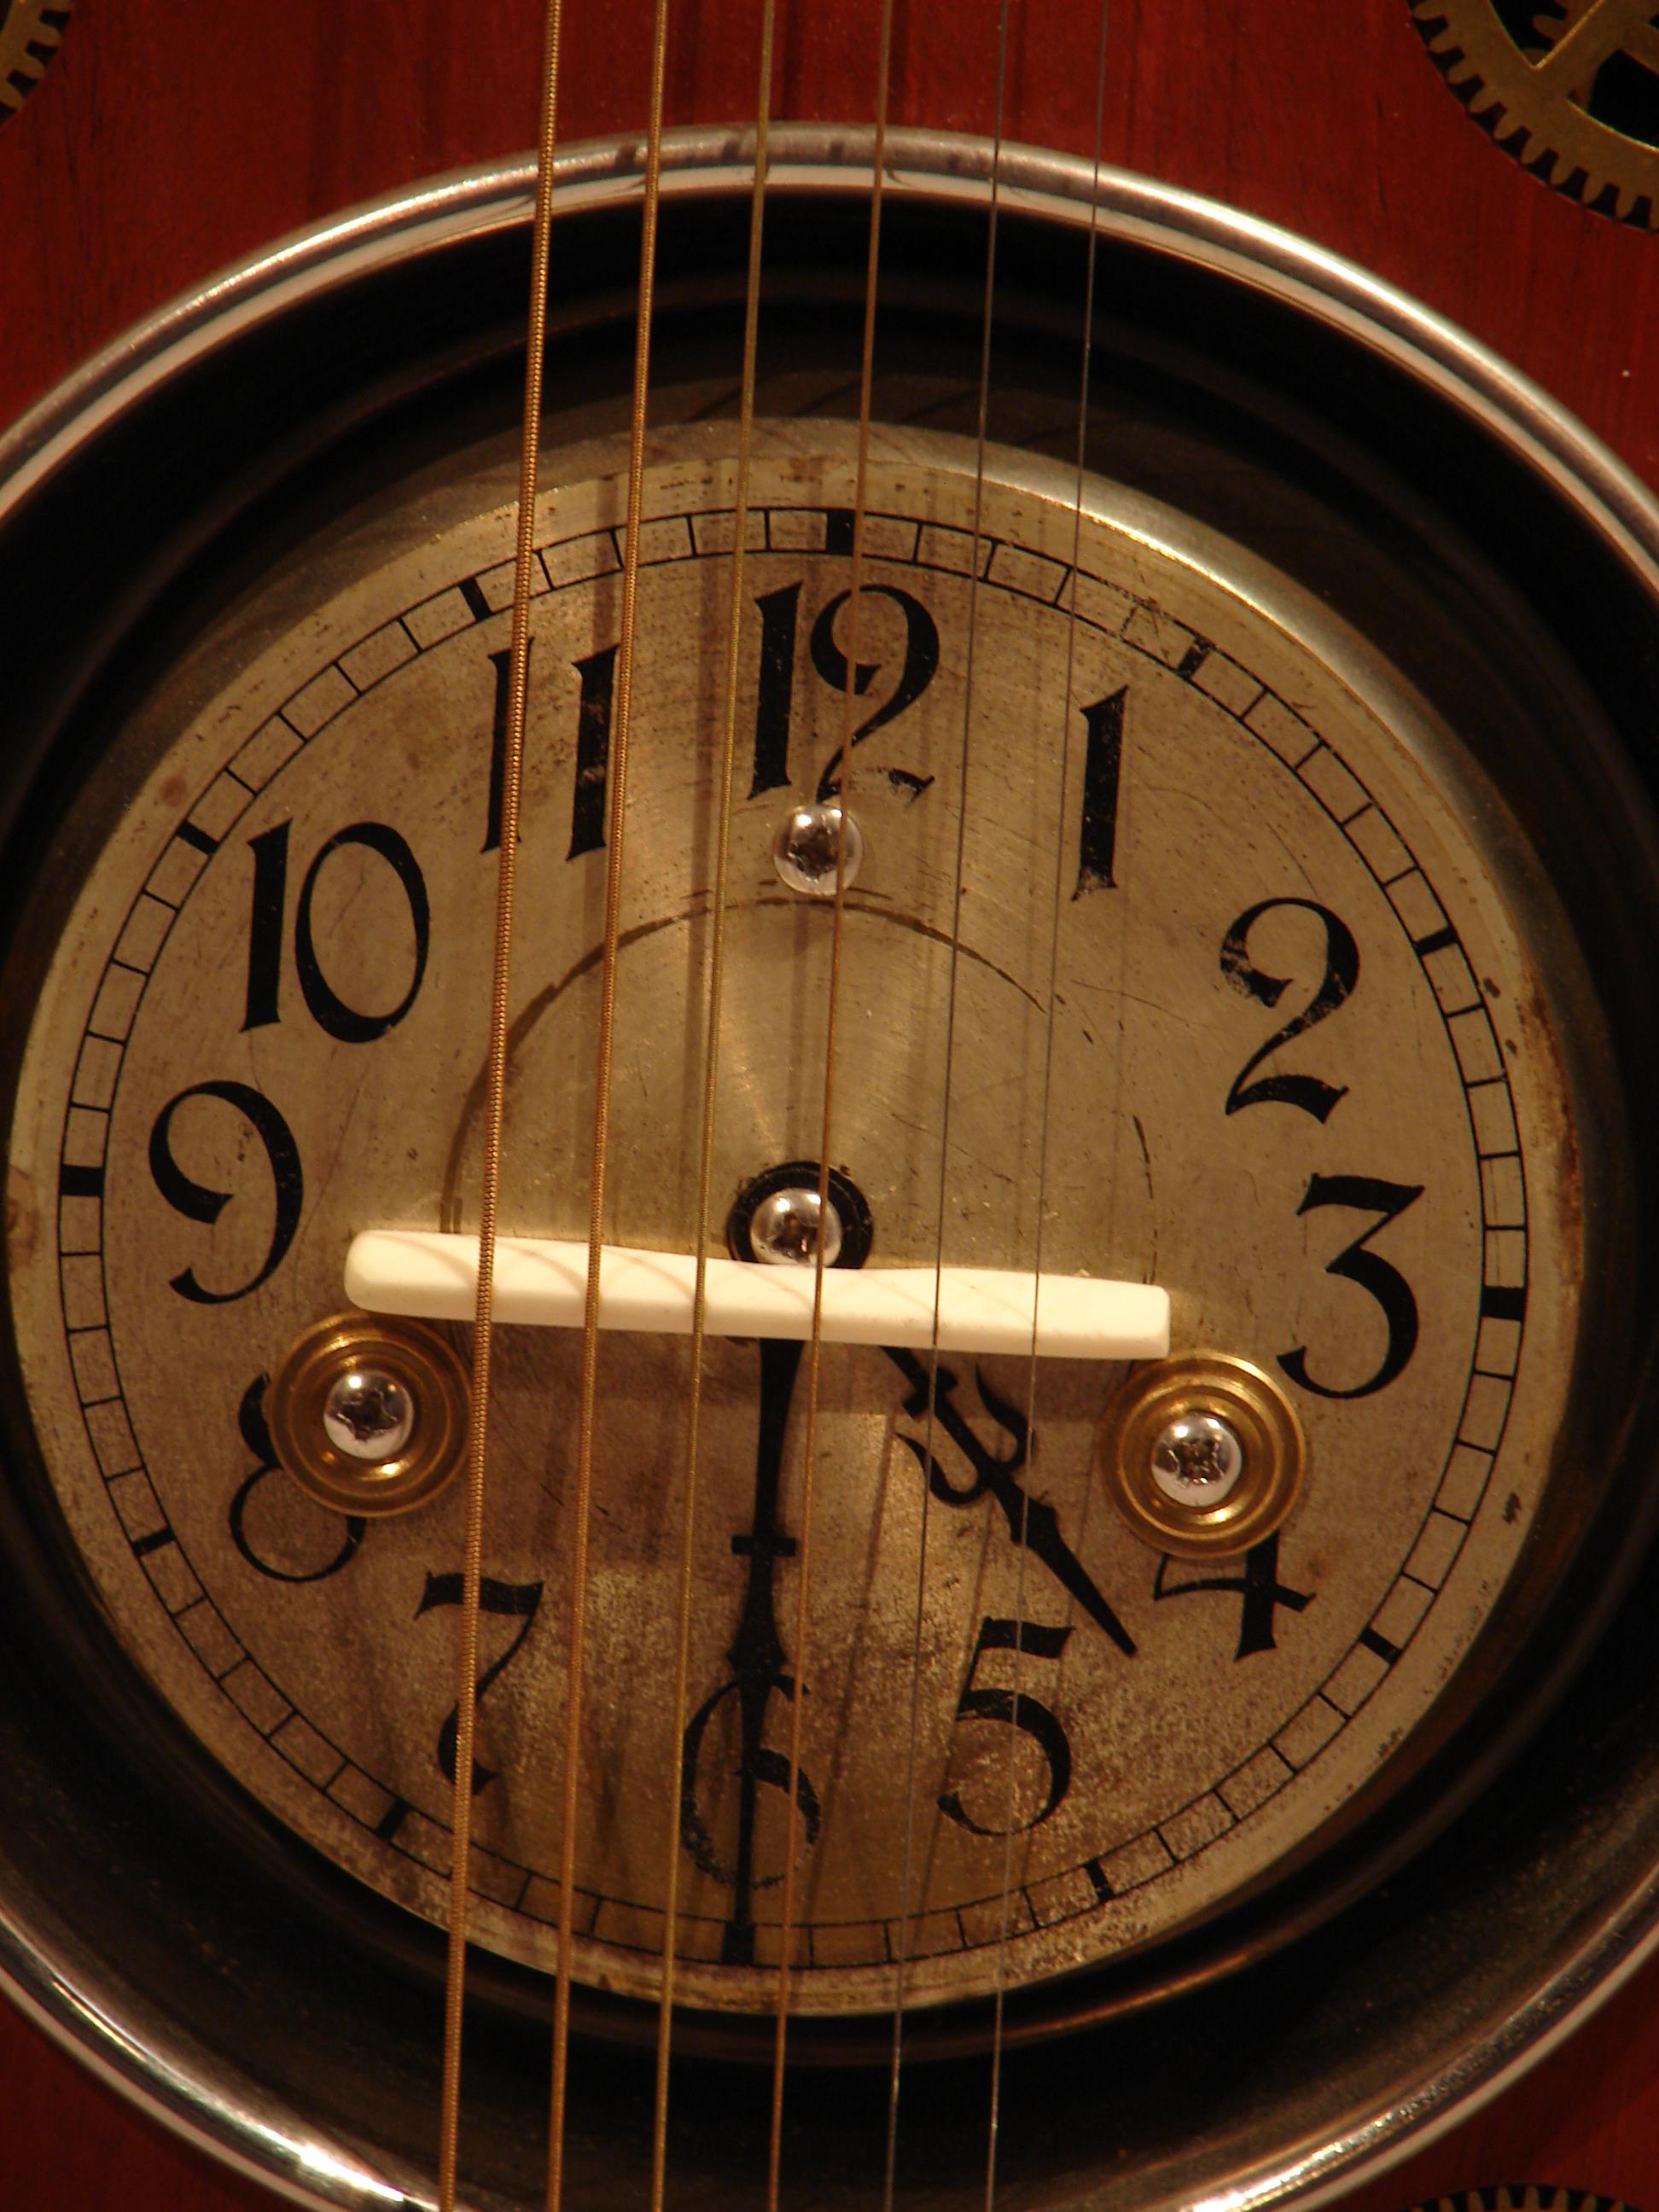 Antique clock face.